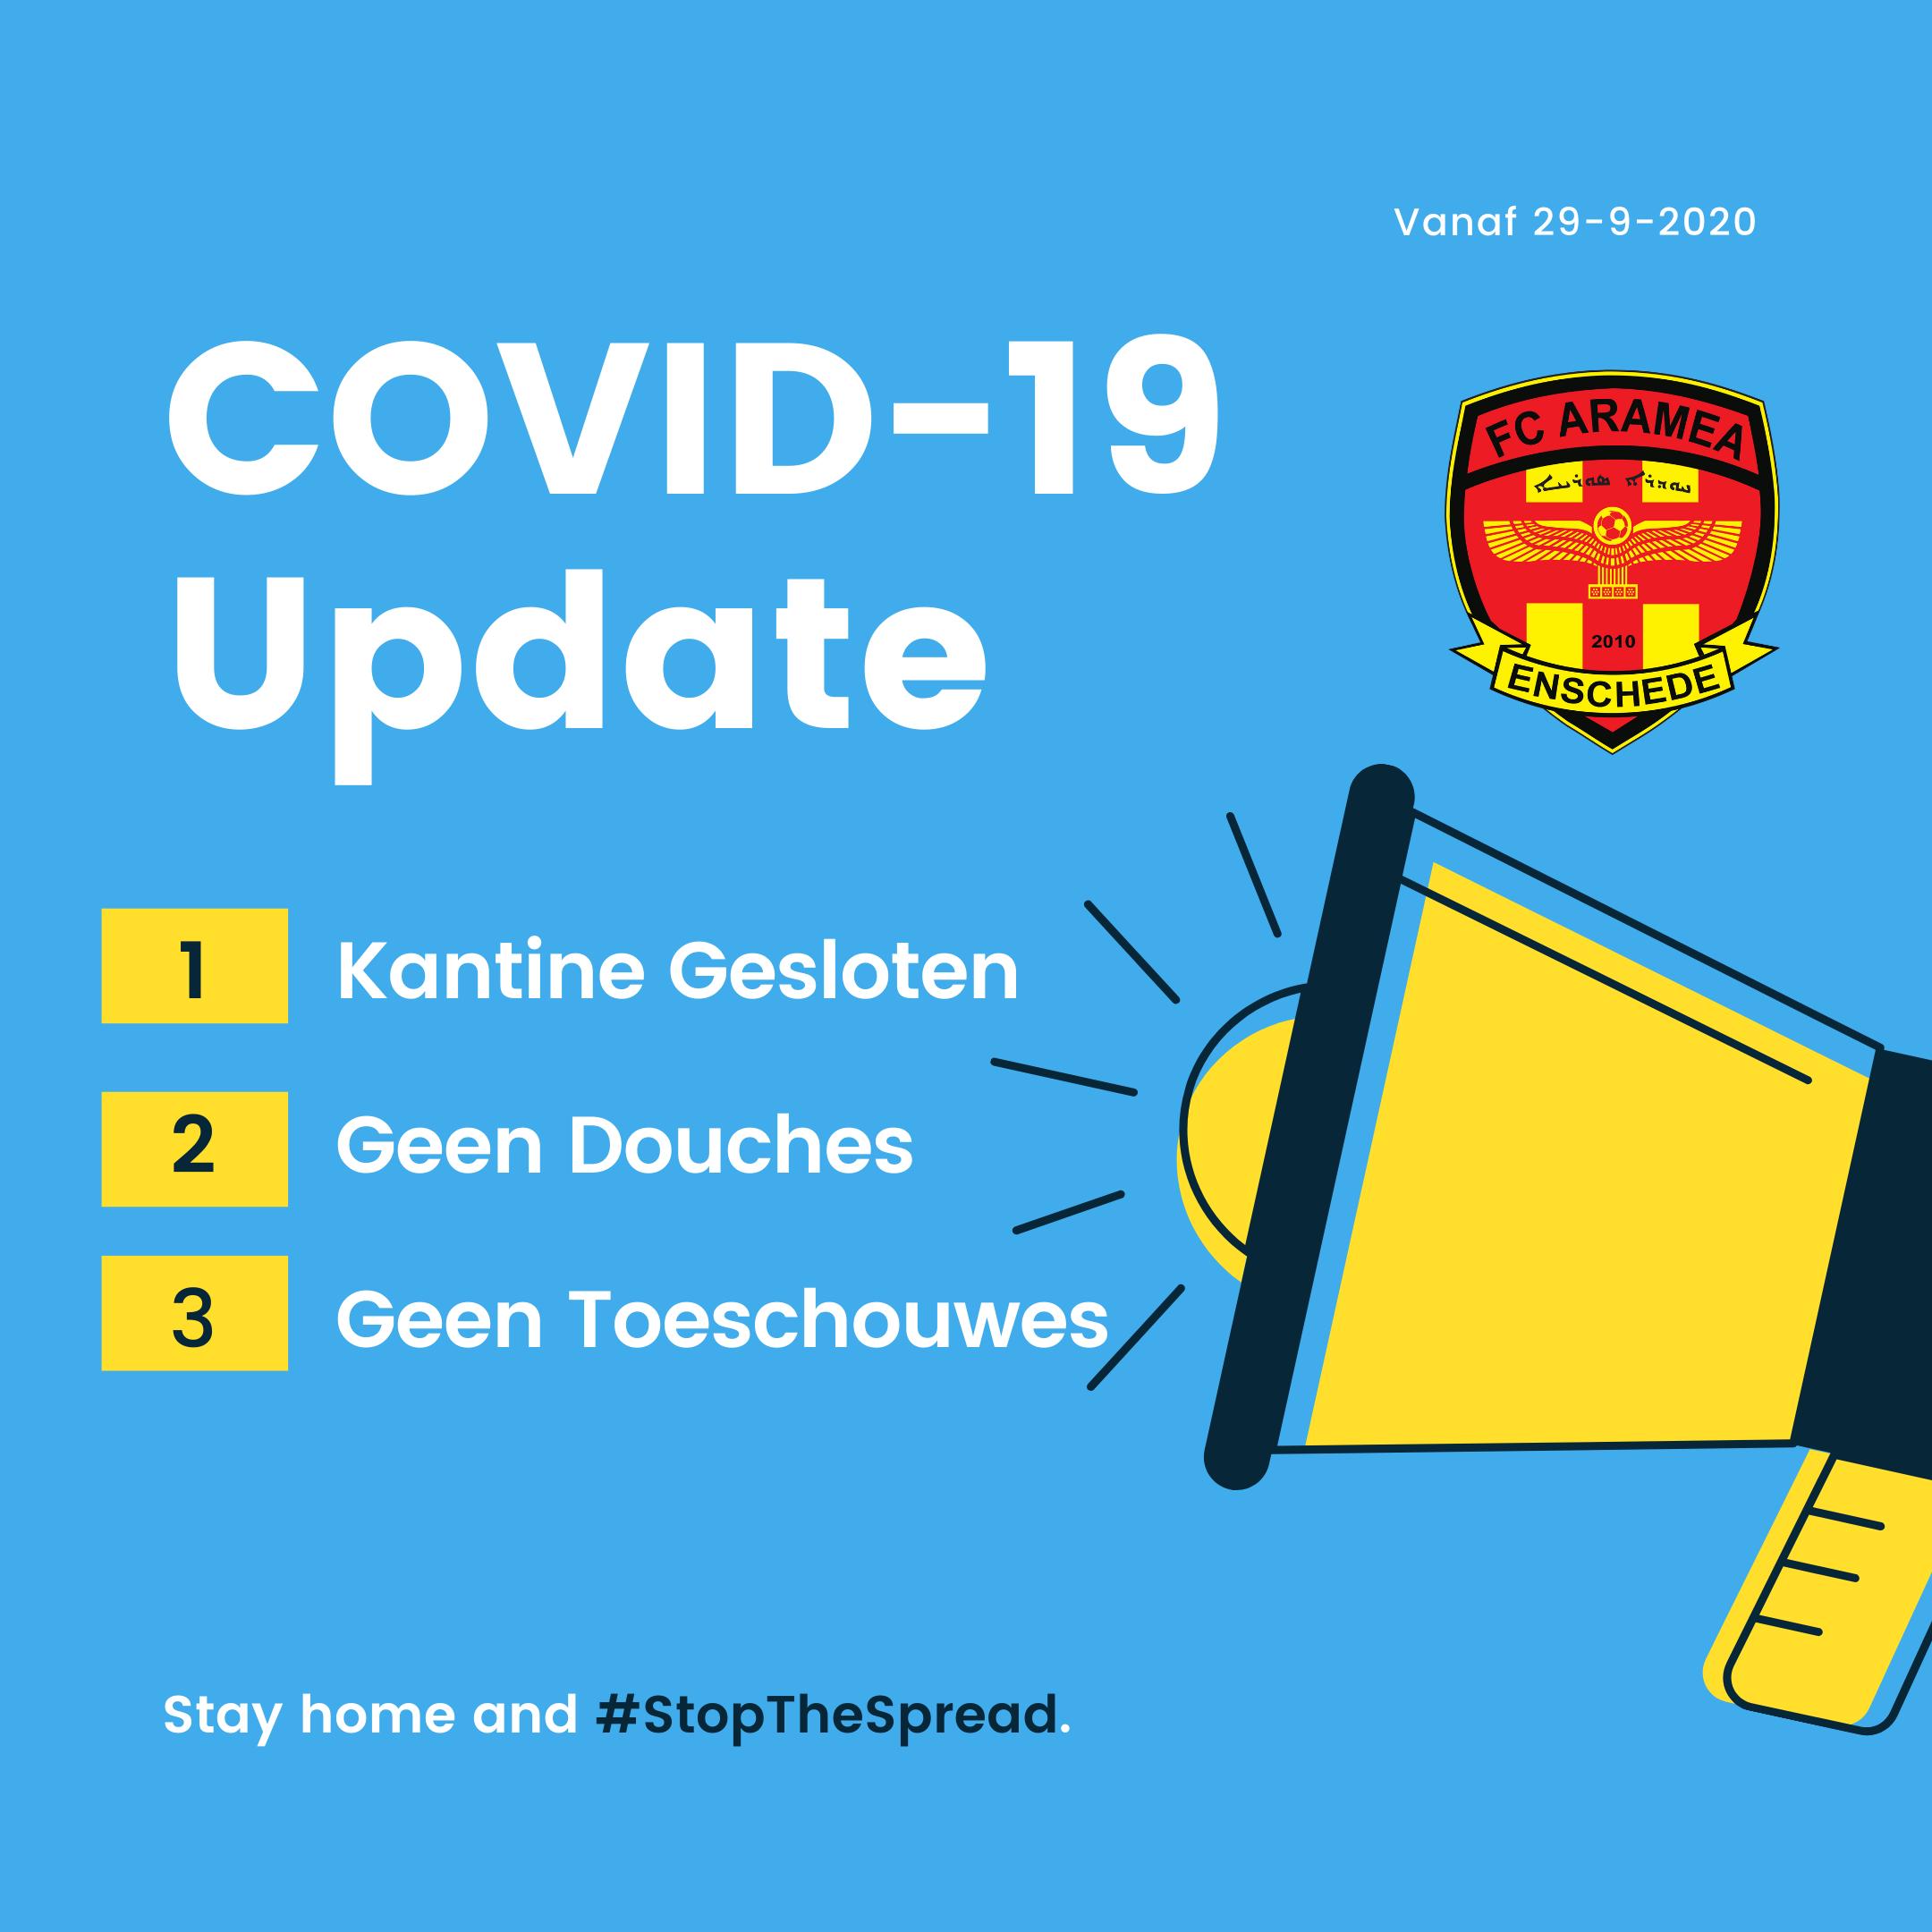 Update 29-09-2020 Covid 19